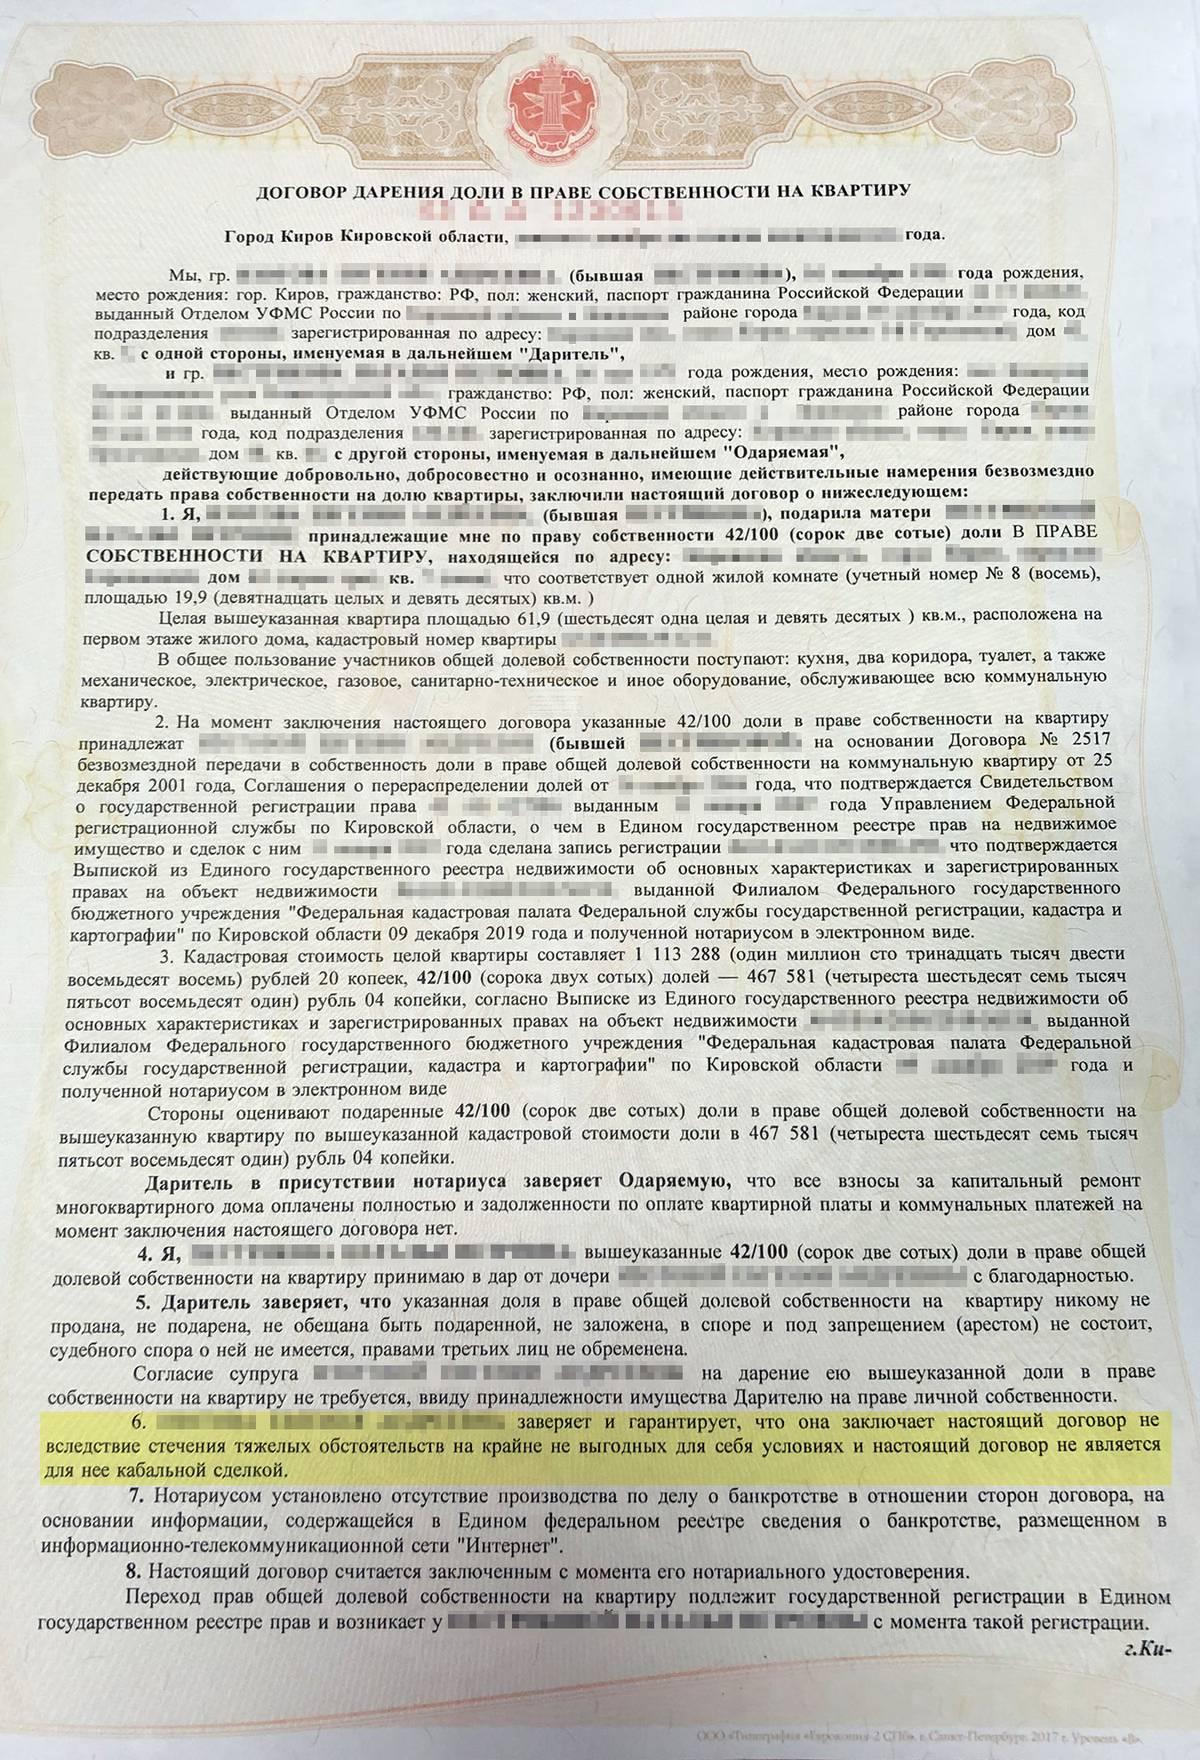 Это первая страница договора, составленного нотариусом. Теперь в шестом пункте все верно написано